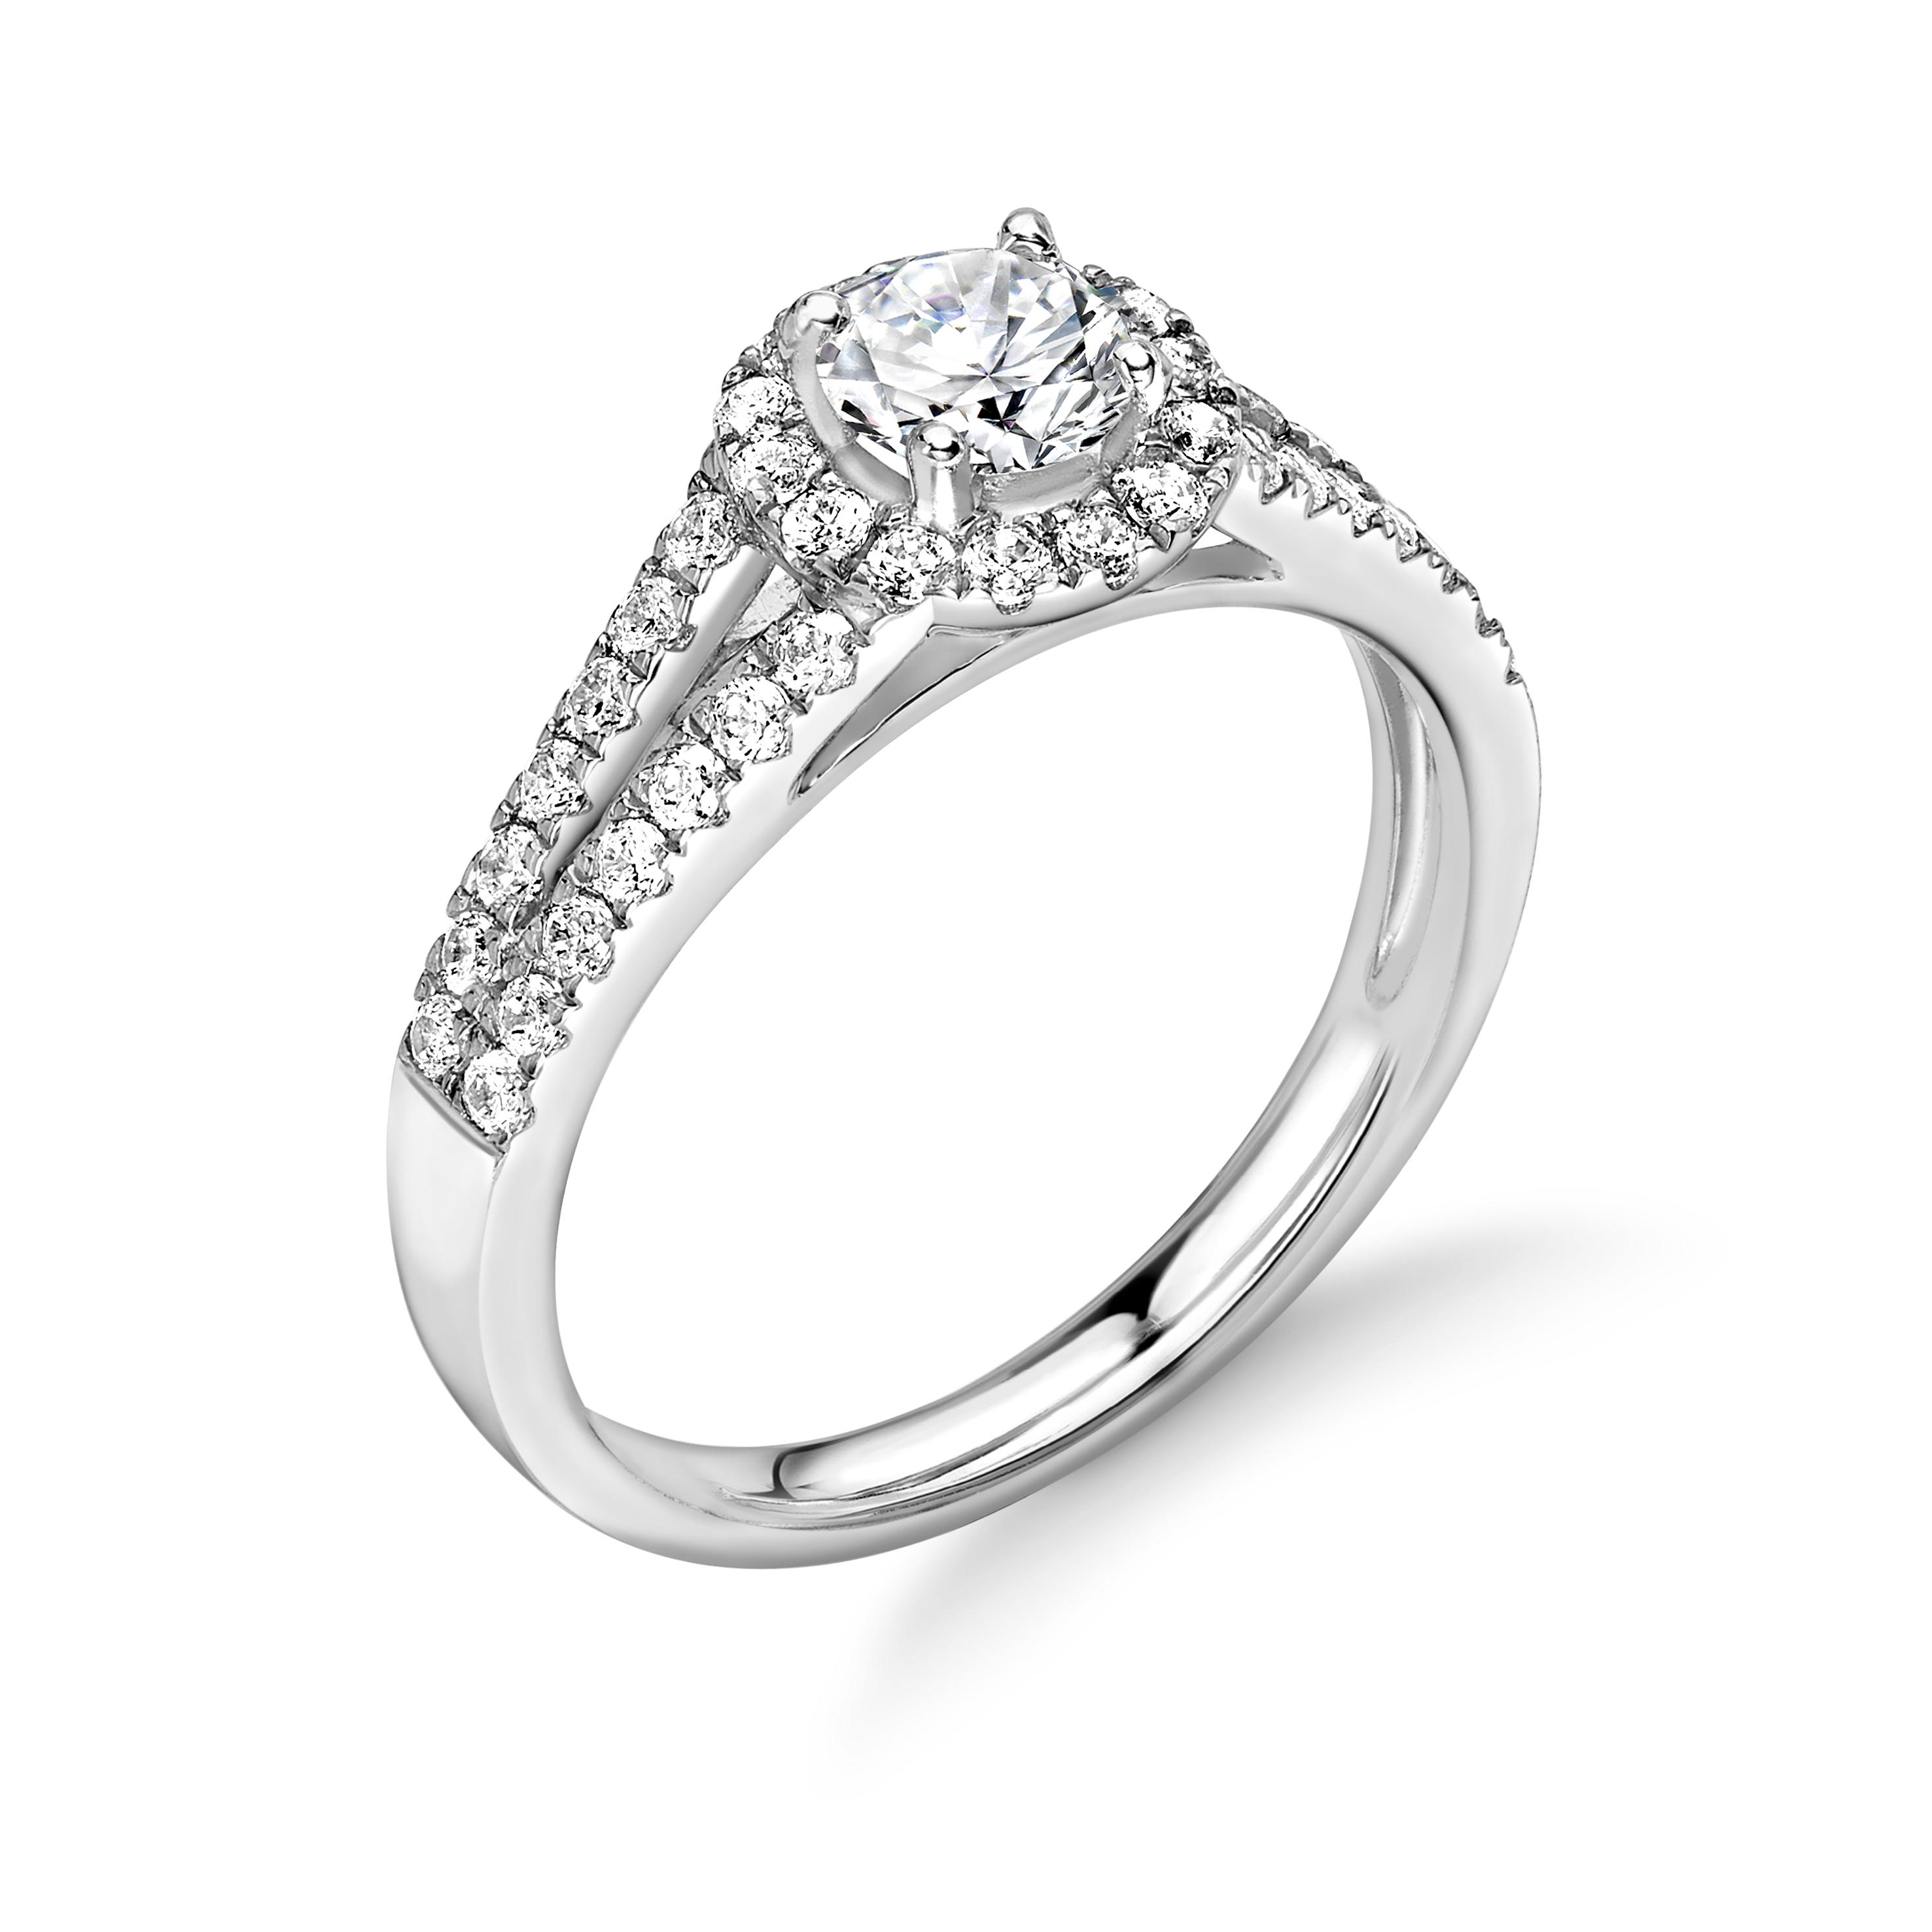 4 Prong Setting Round Shape 2 Raw Shoulder Pave Set Halo Diamond Engagement Rings